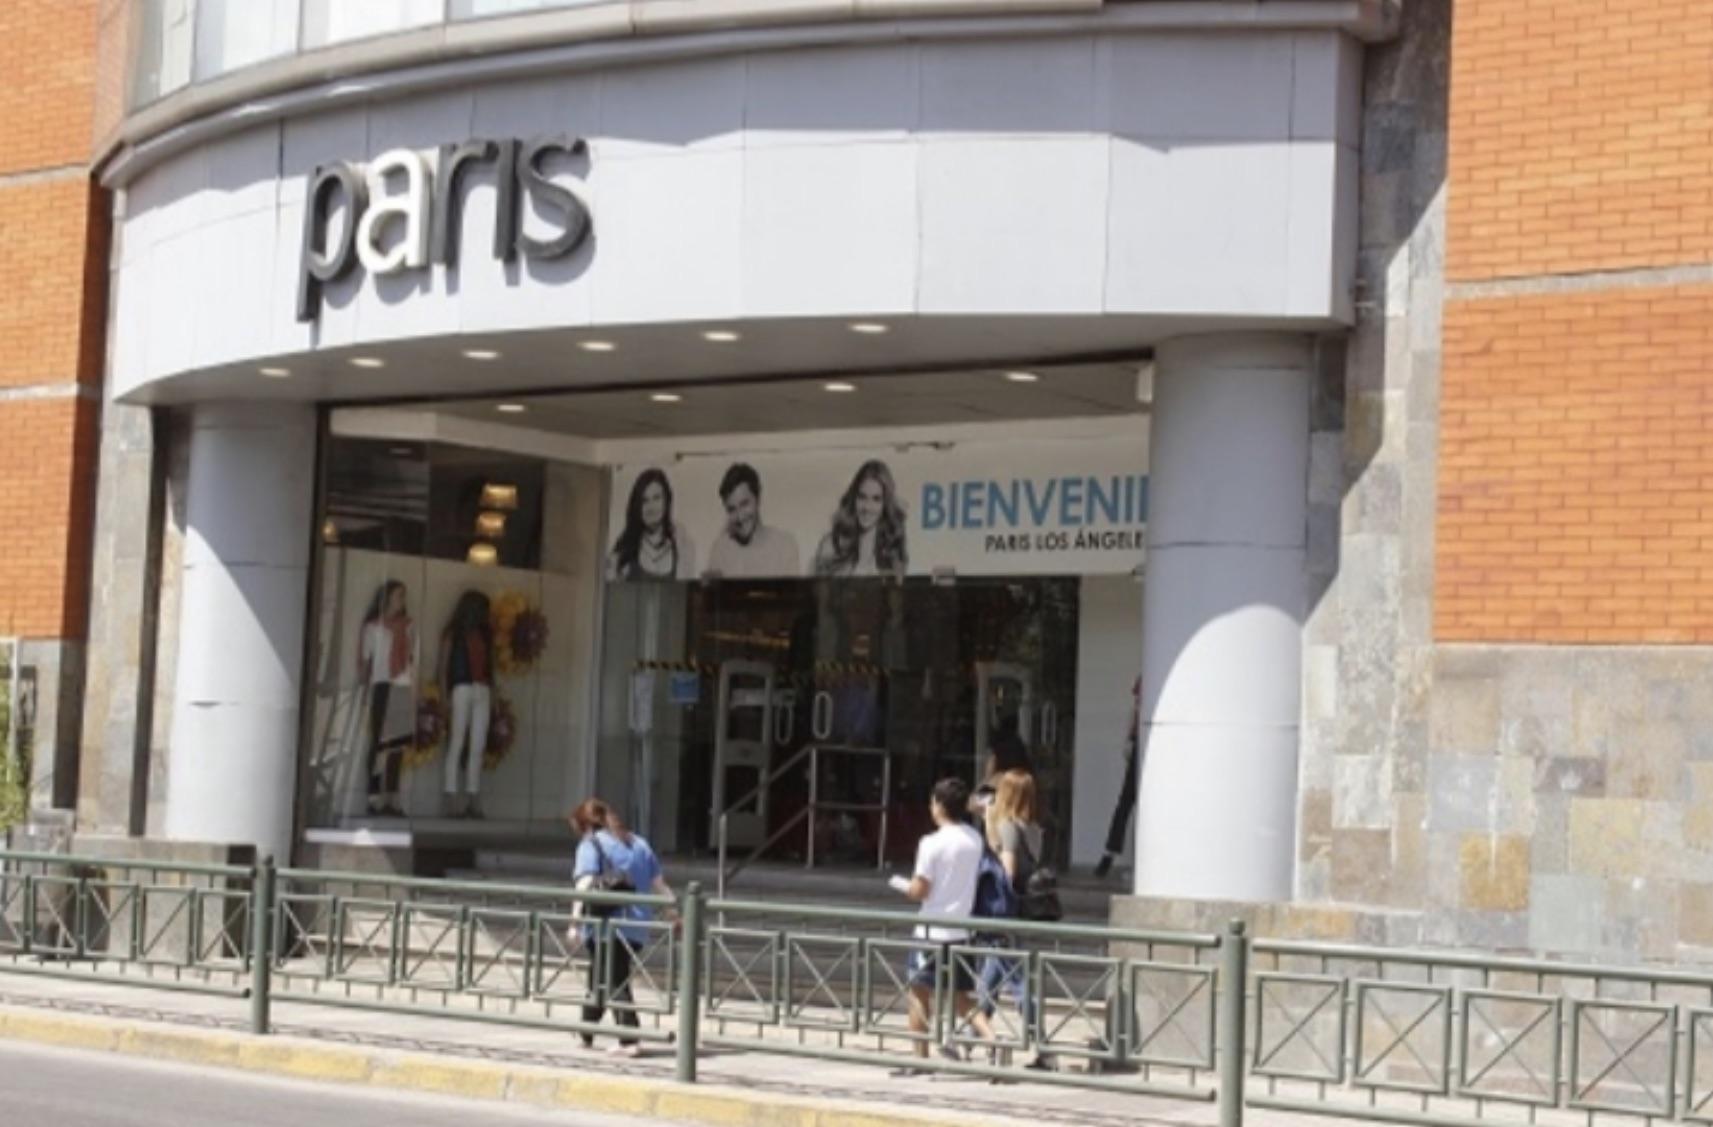 Los Ángeles: Confirman brote de contagios en tienda Paris del Mall